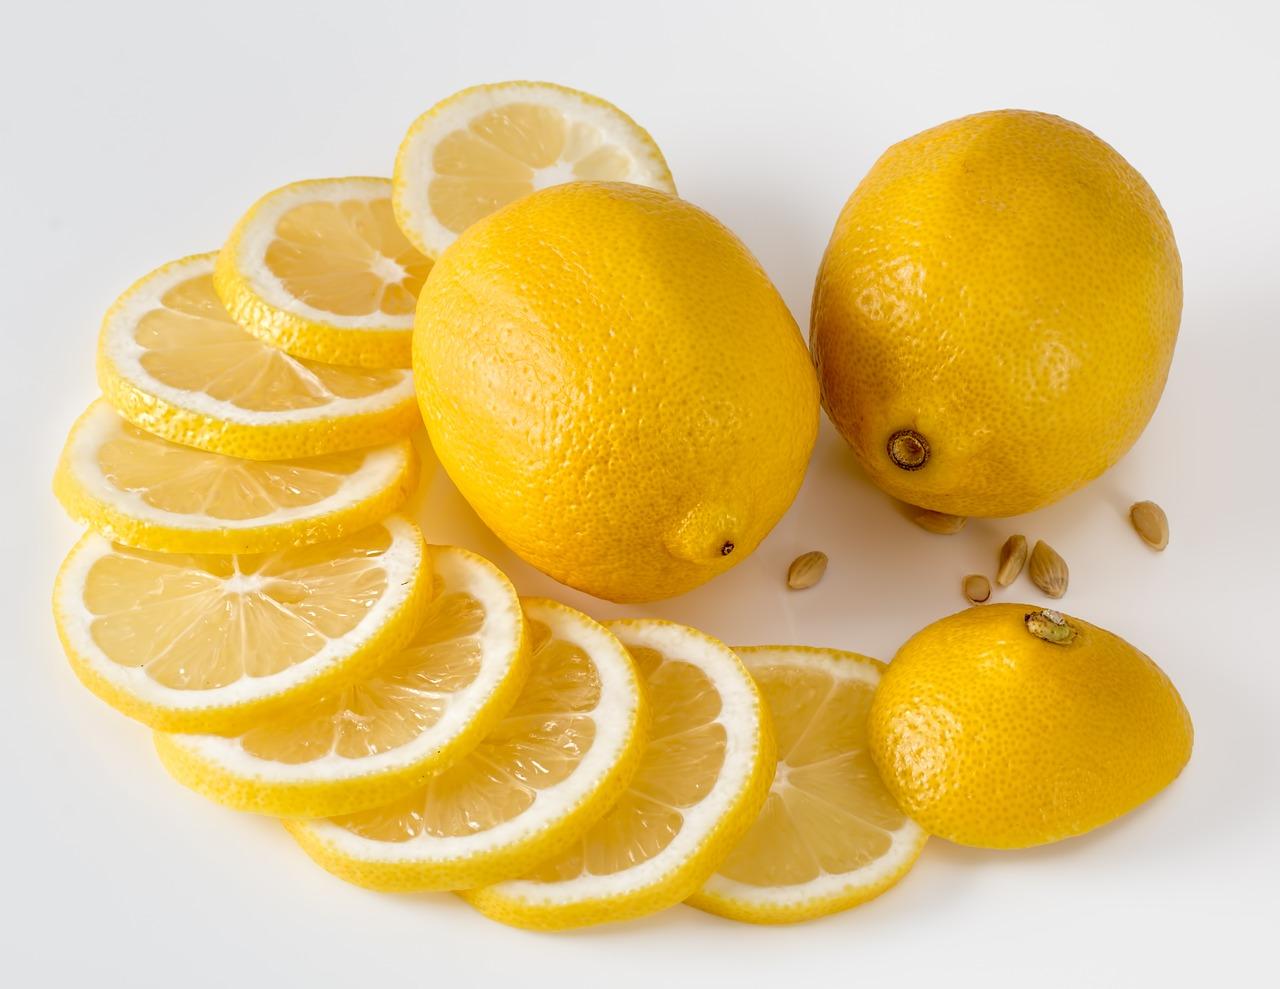 レモン汁の代用品でお菓子作り!ジャム,ライム,クエン酸,ゆず,みかん,ポッカレモンでチーズケーキやアップルパイを作ろう!